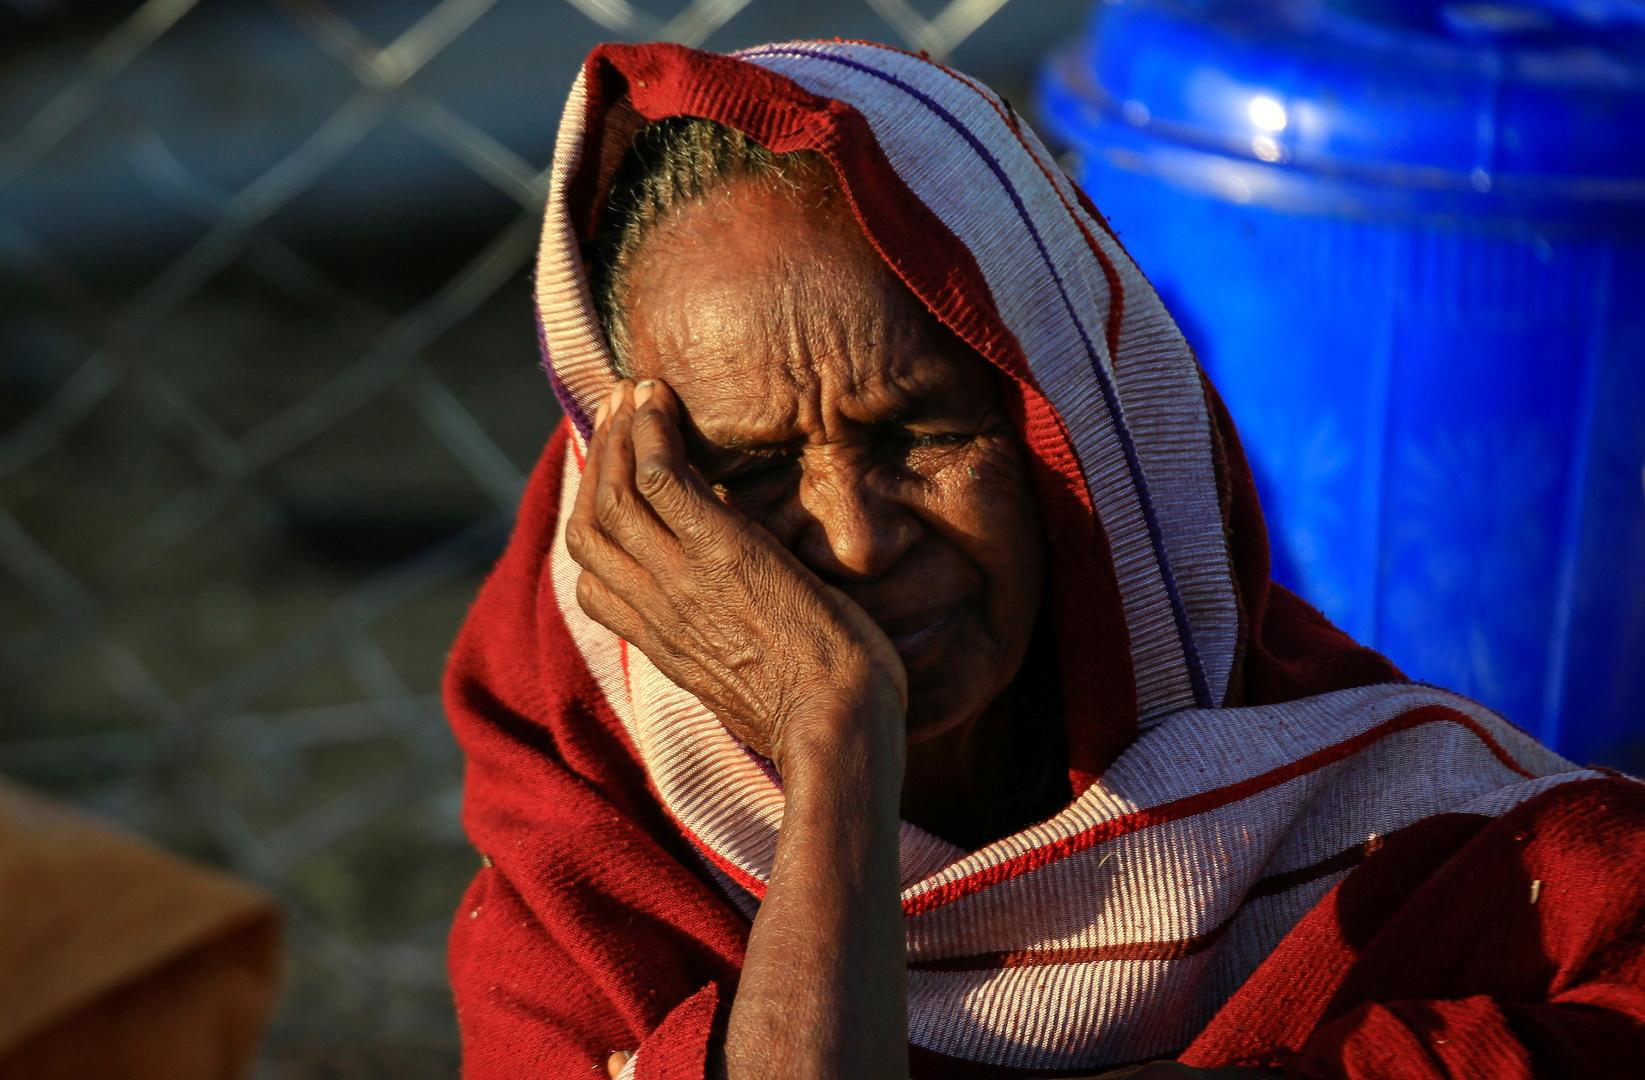 تقرير: الضباع تأكل جثث فتيات قتلن بعد تعرضهن للإغتصاب في إقليم تيغراي